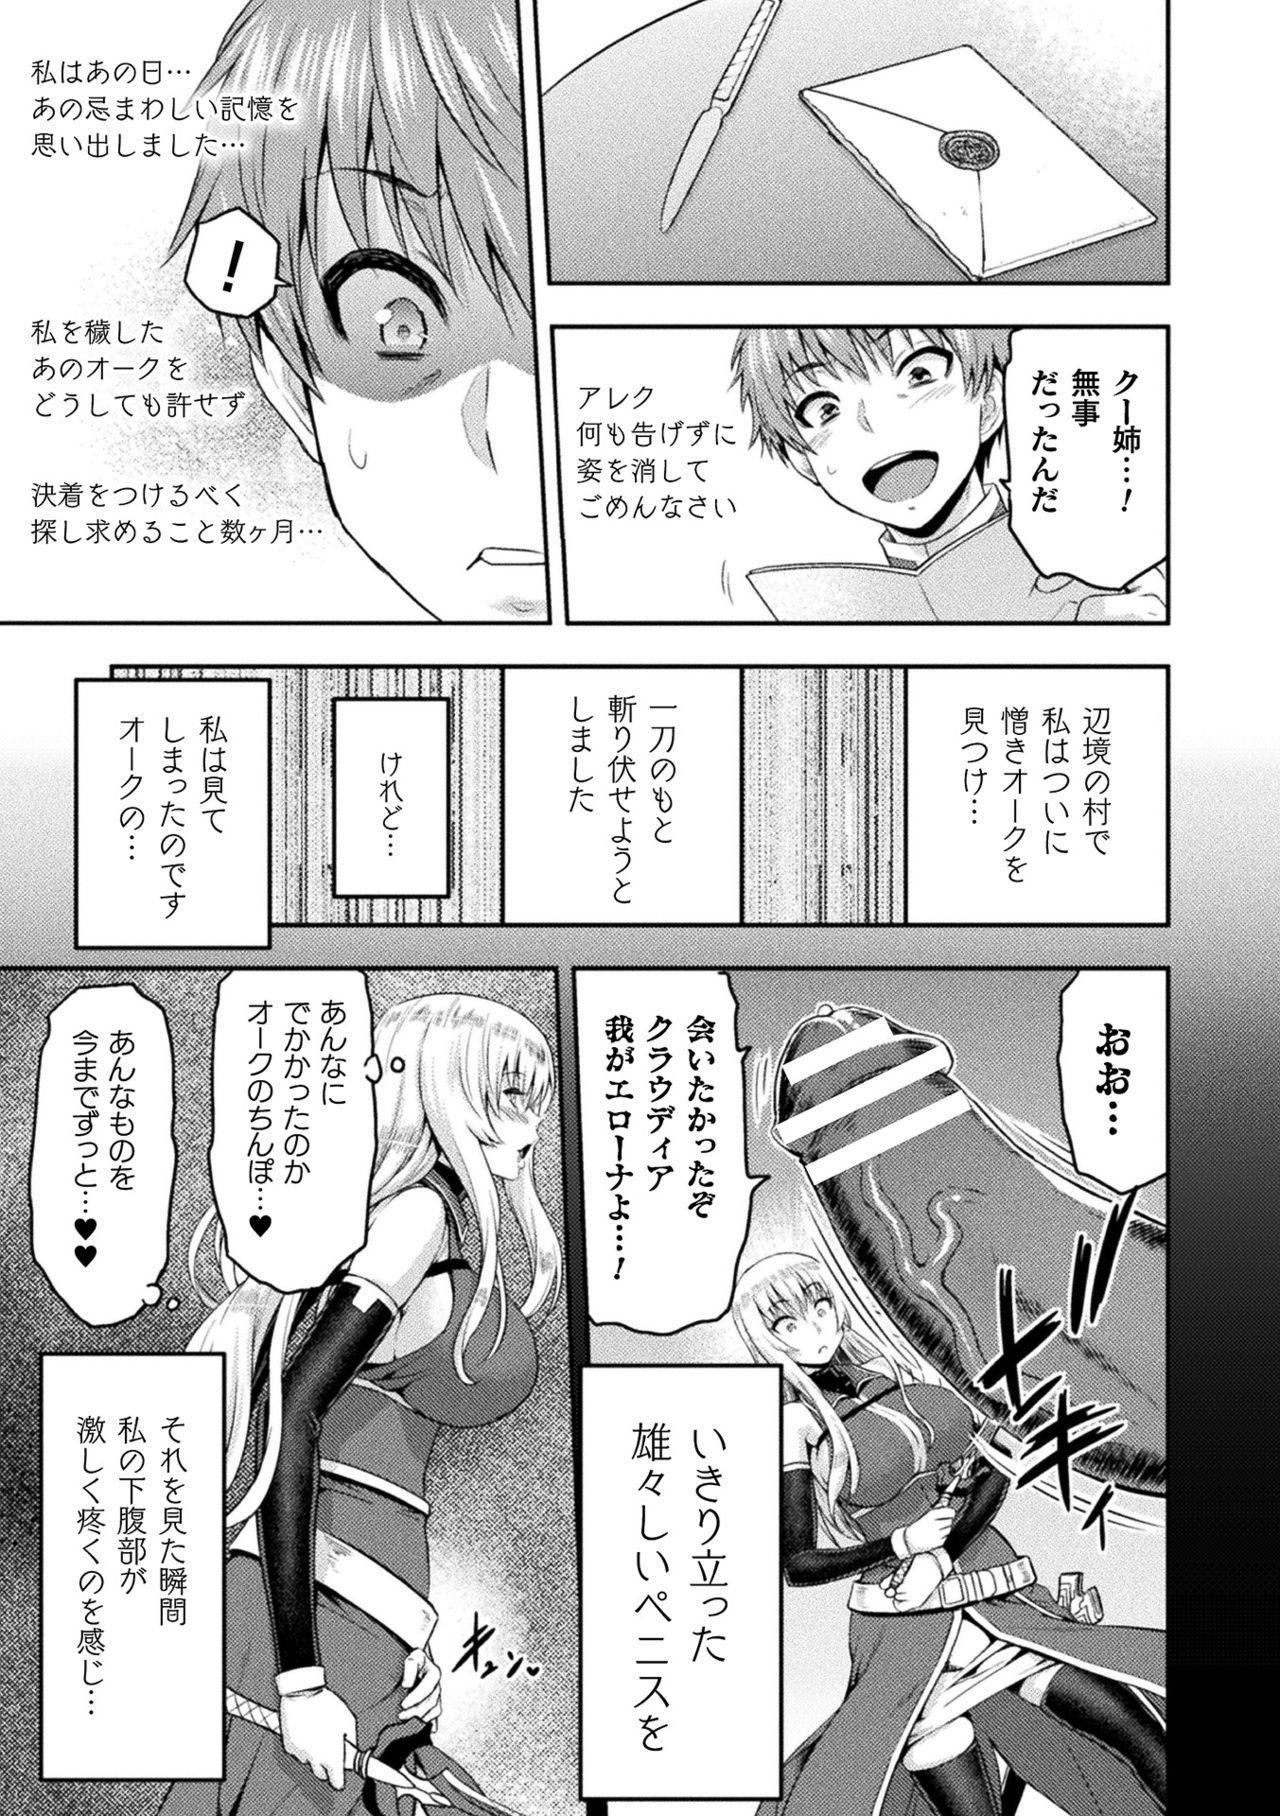 ERONA Orc no Inmon ni Okasareta Onna Kishi no Matsuro 156